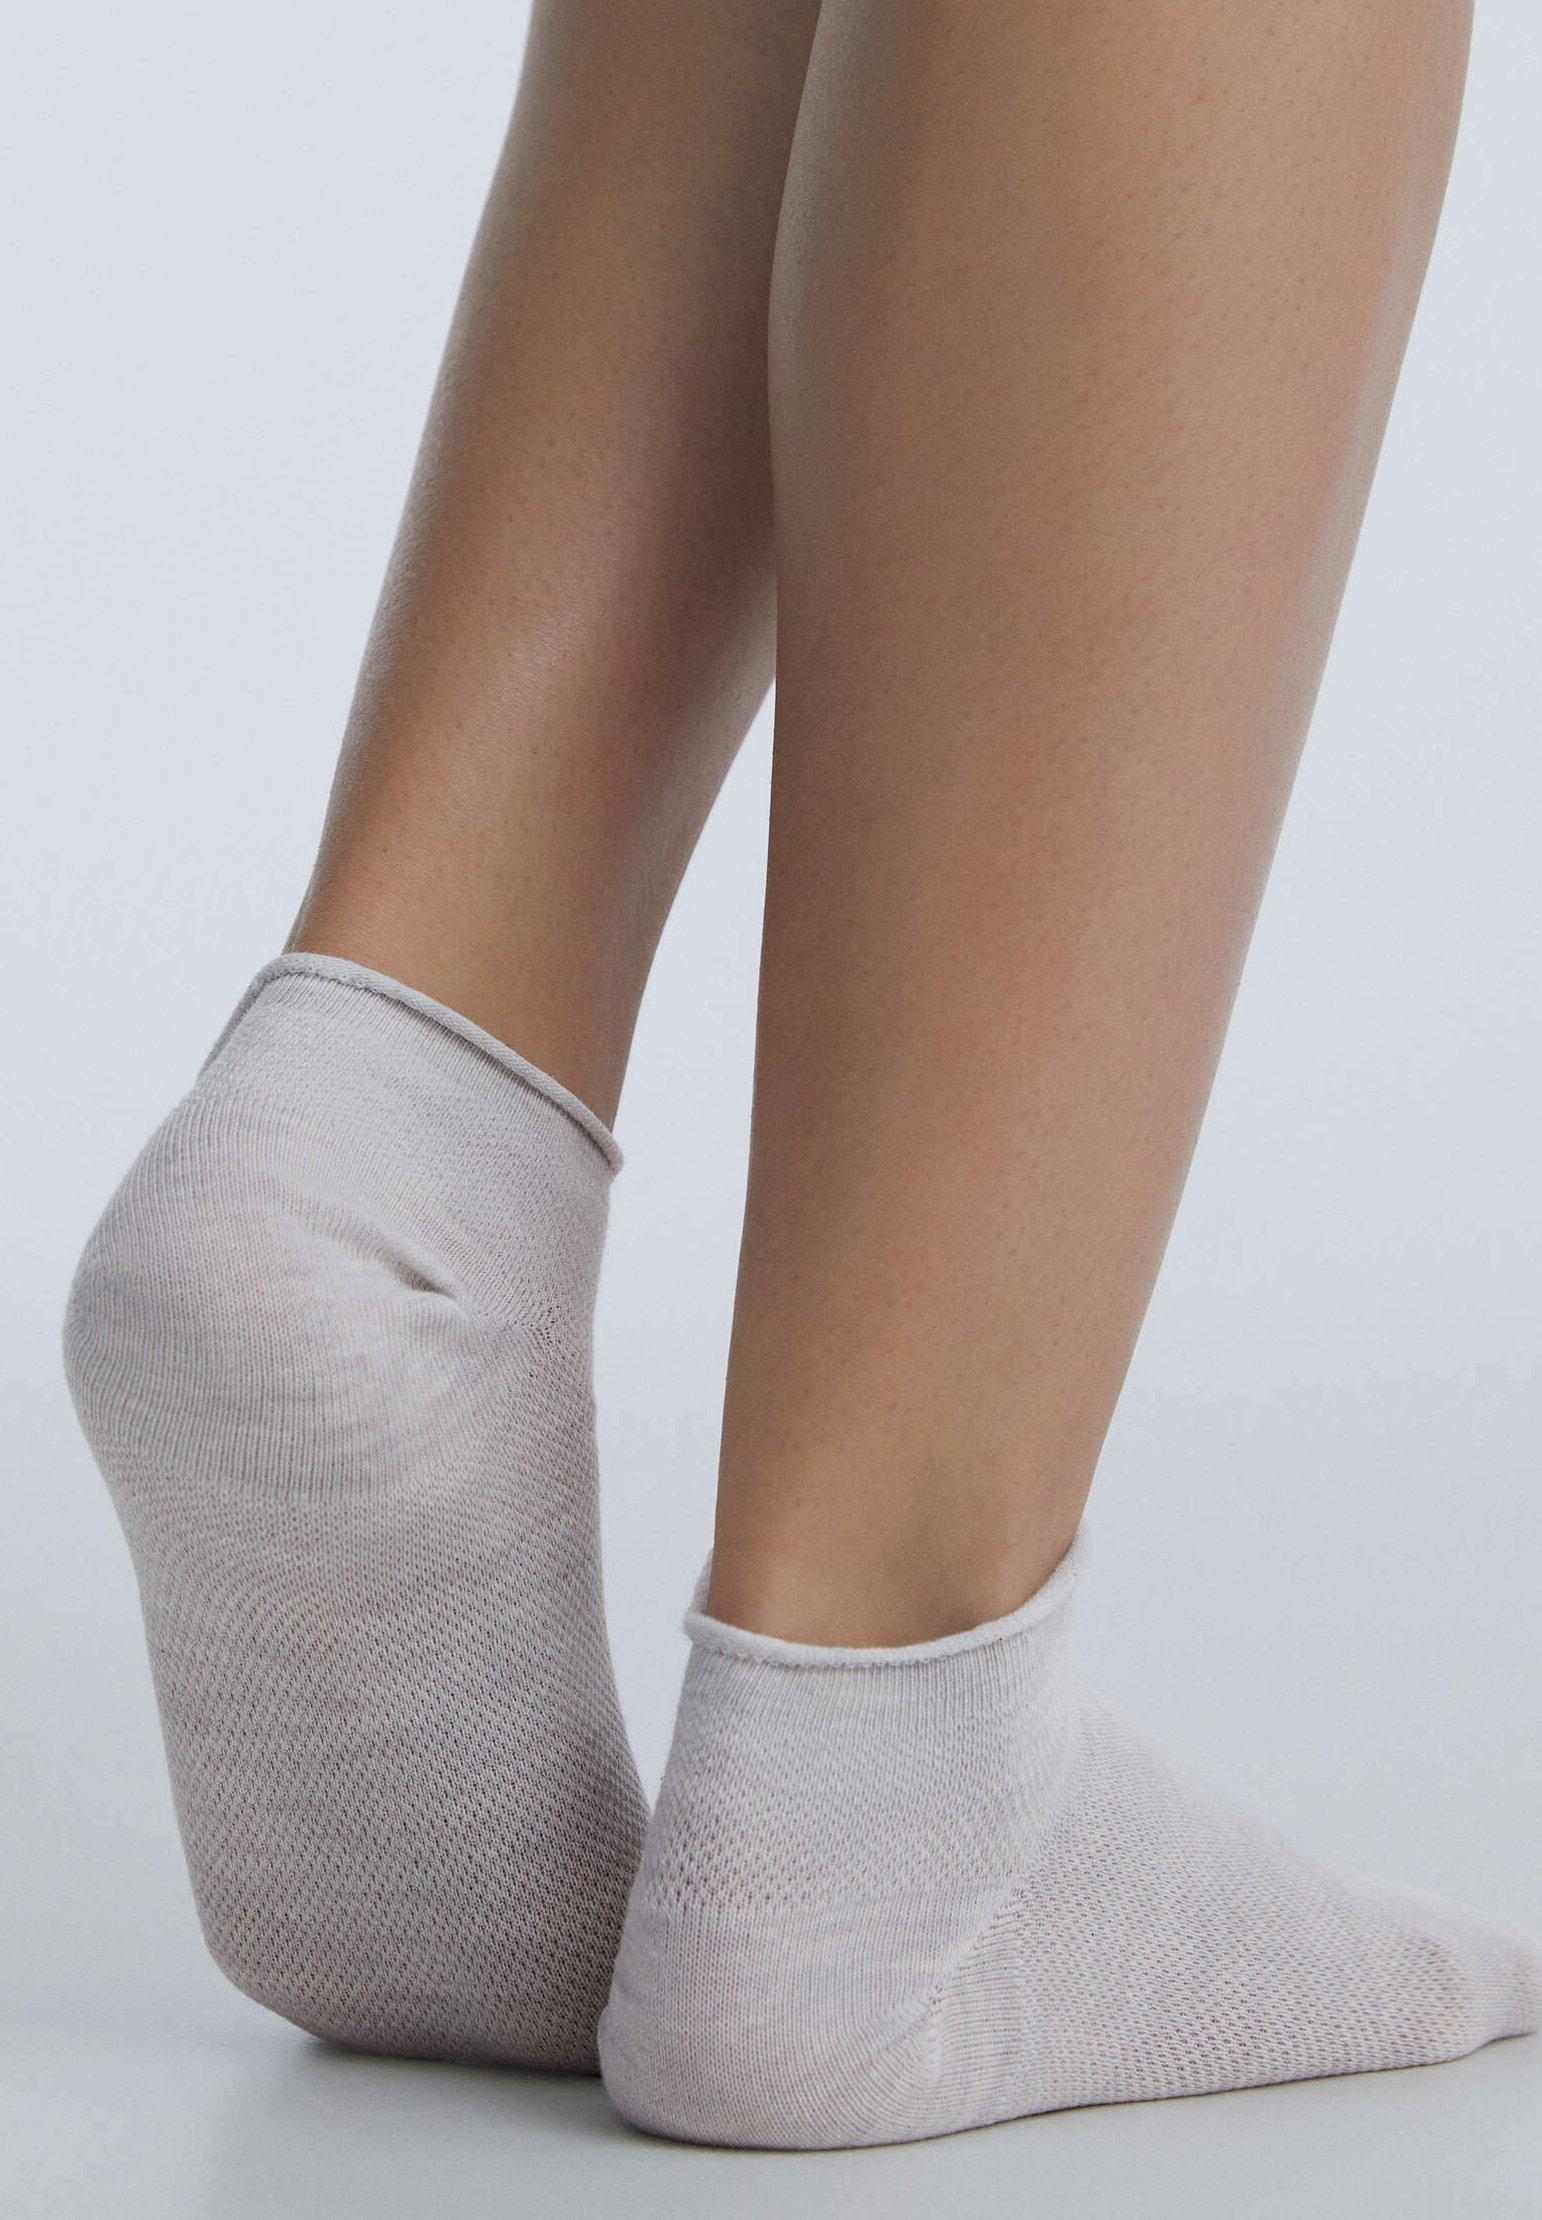 Femme 5 PAIRS  - Socquettes